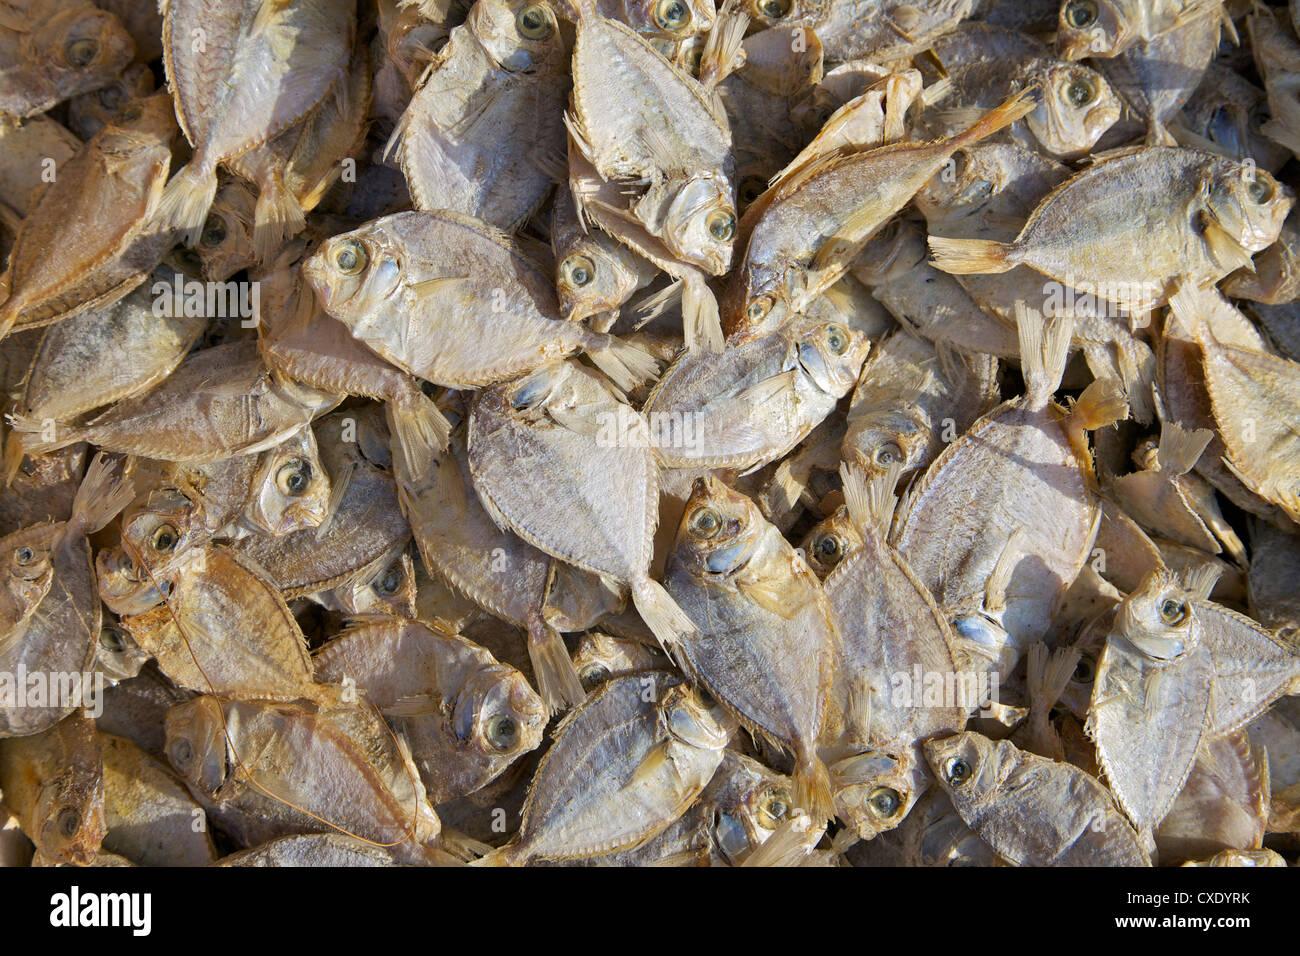 Pesci secchi per la vendita sul mercato, di stallo Nilaveli, Trincomalee, Sri Lanka, Asia Immagini Stock